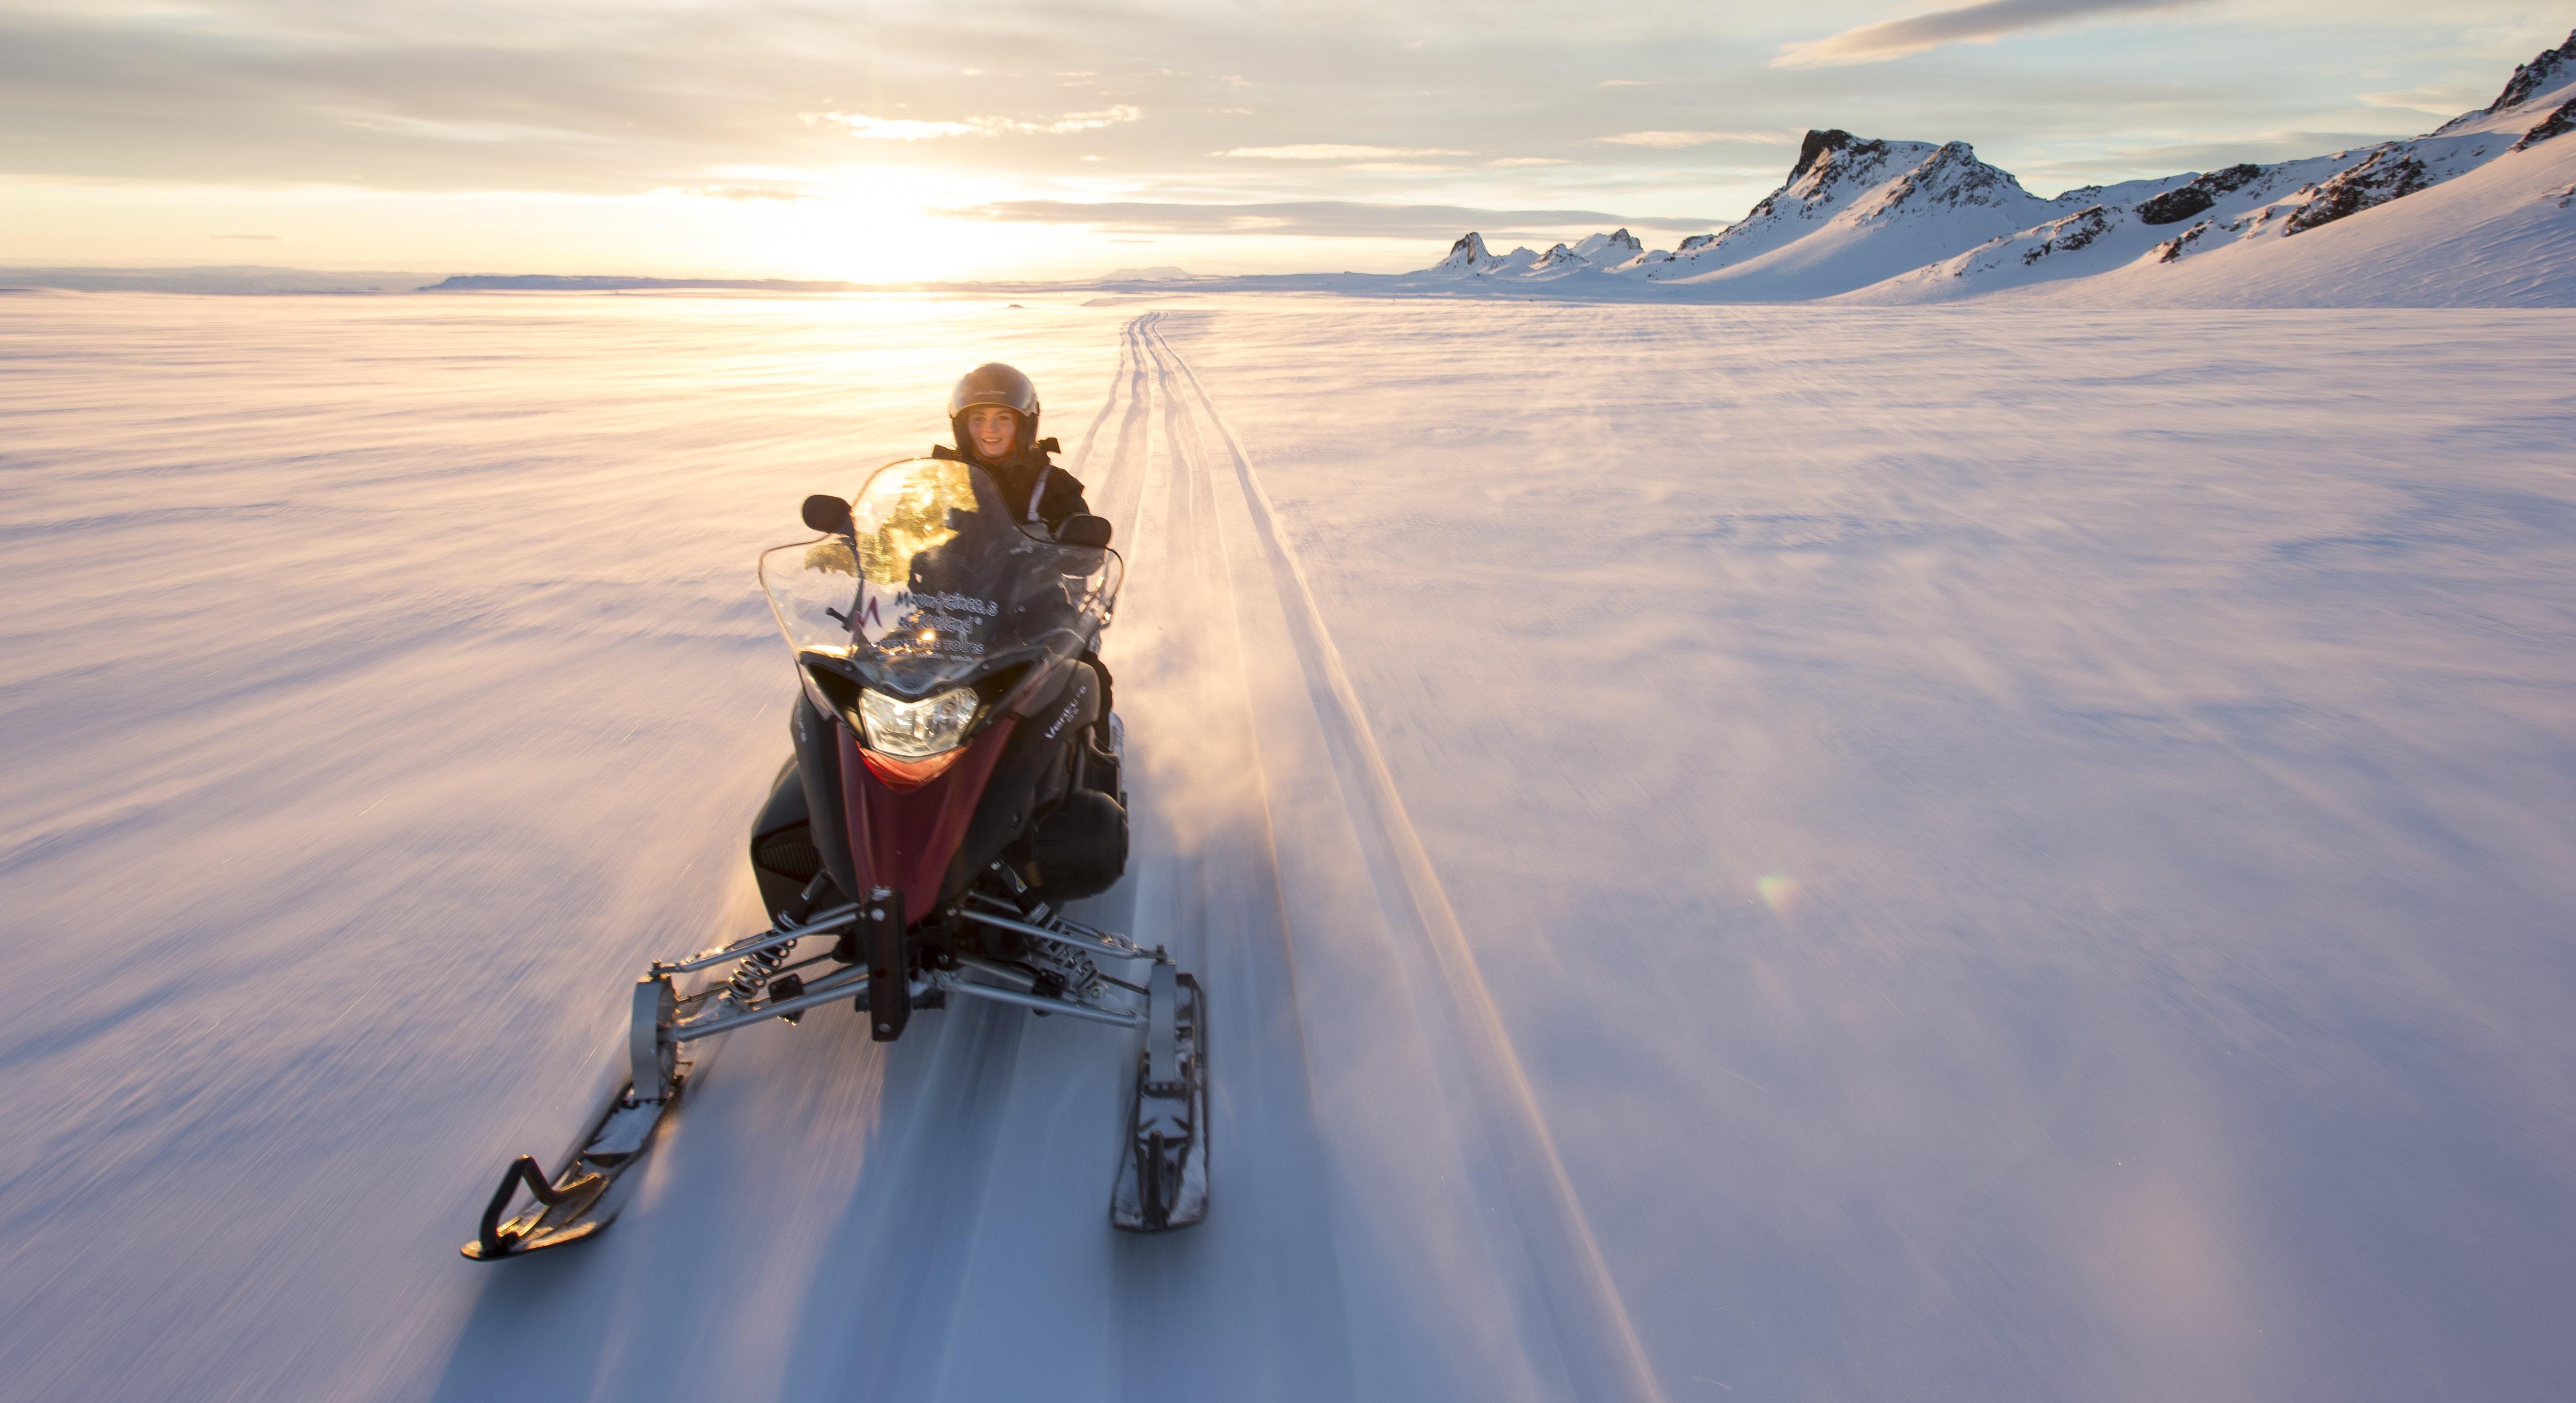 Profitez de votre activité motoneige sur le glacer Langjokull en Islande